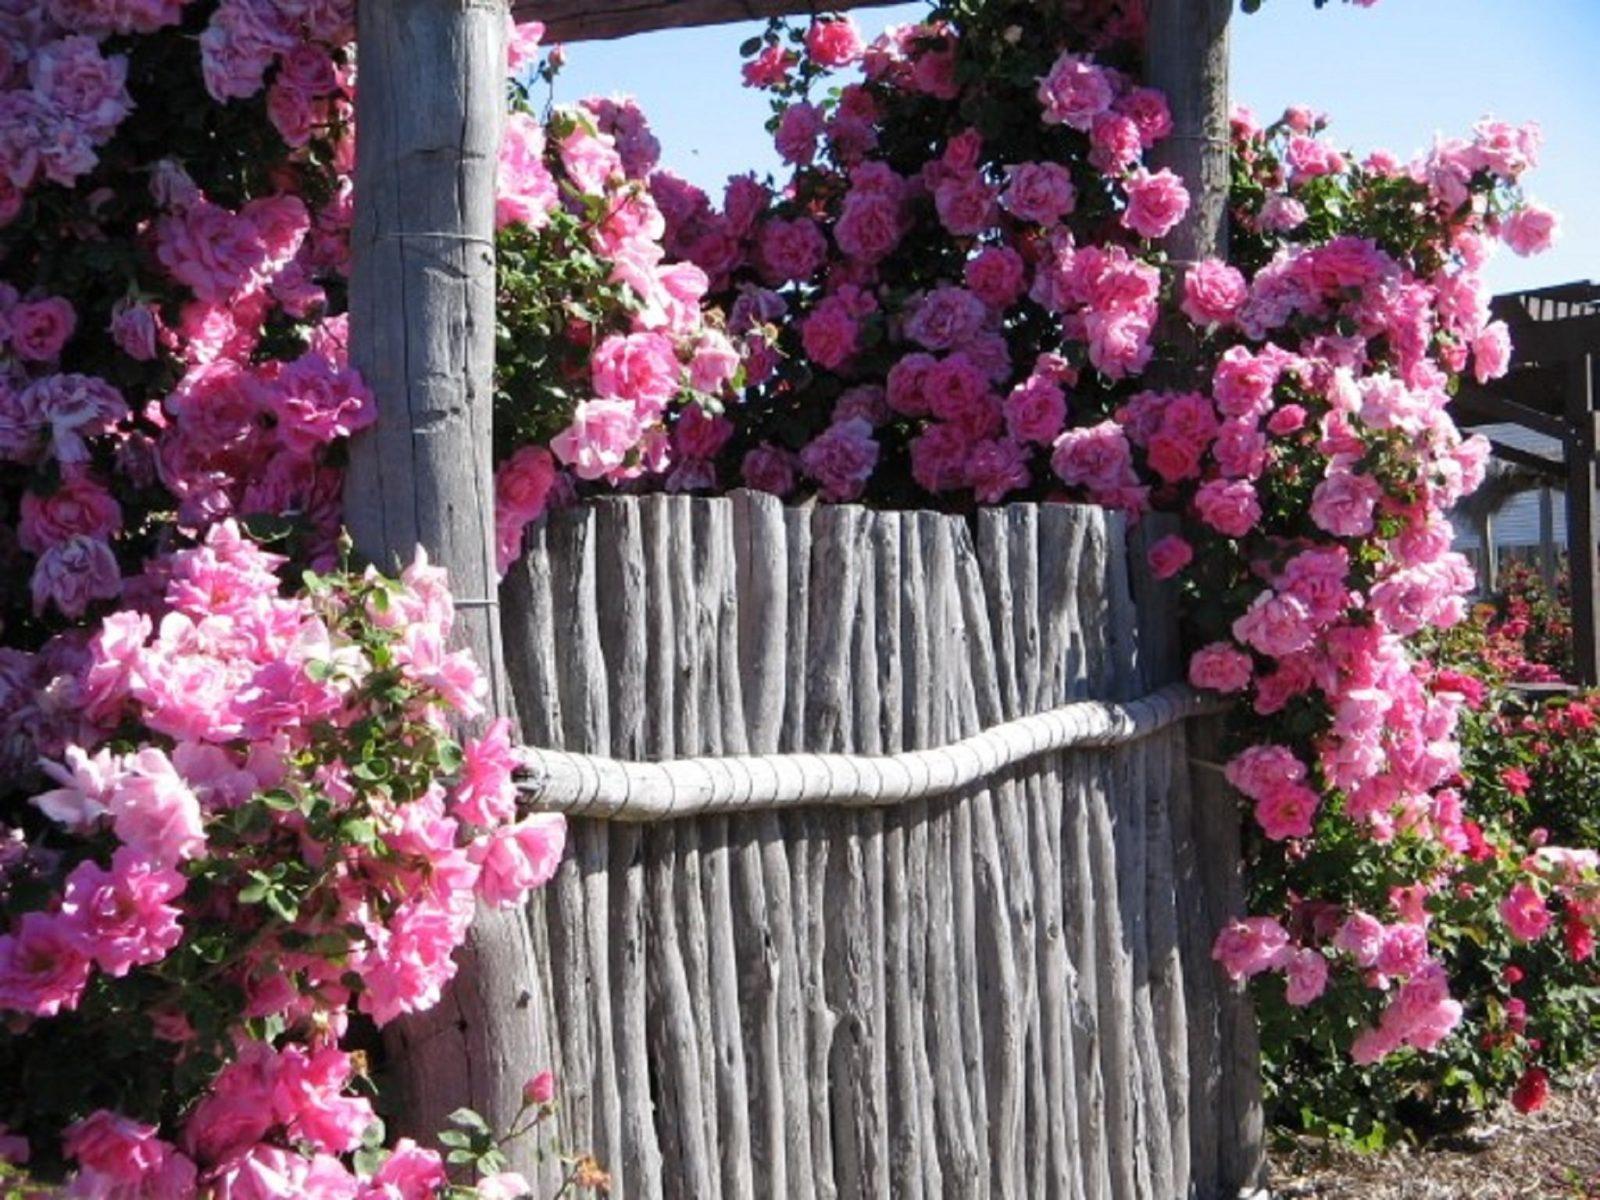 Kojonup Rose Maze, Kojonup, Western Australia